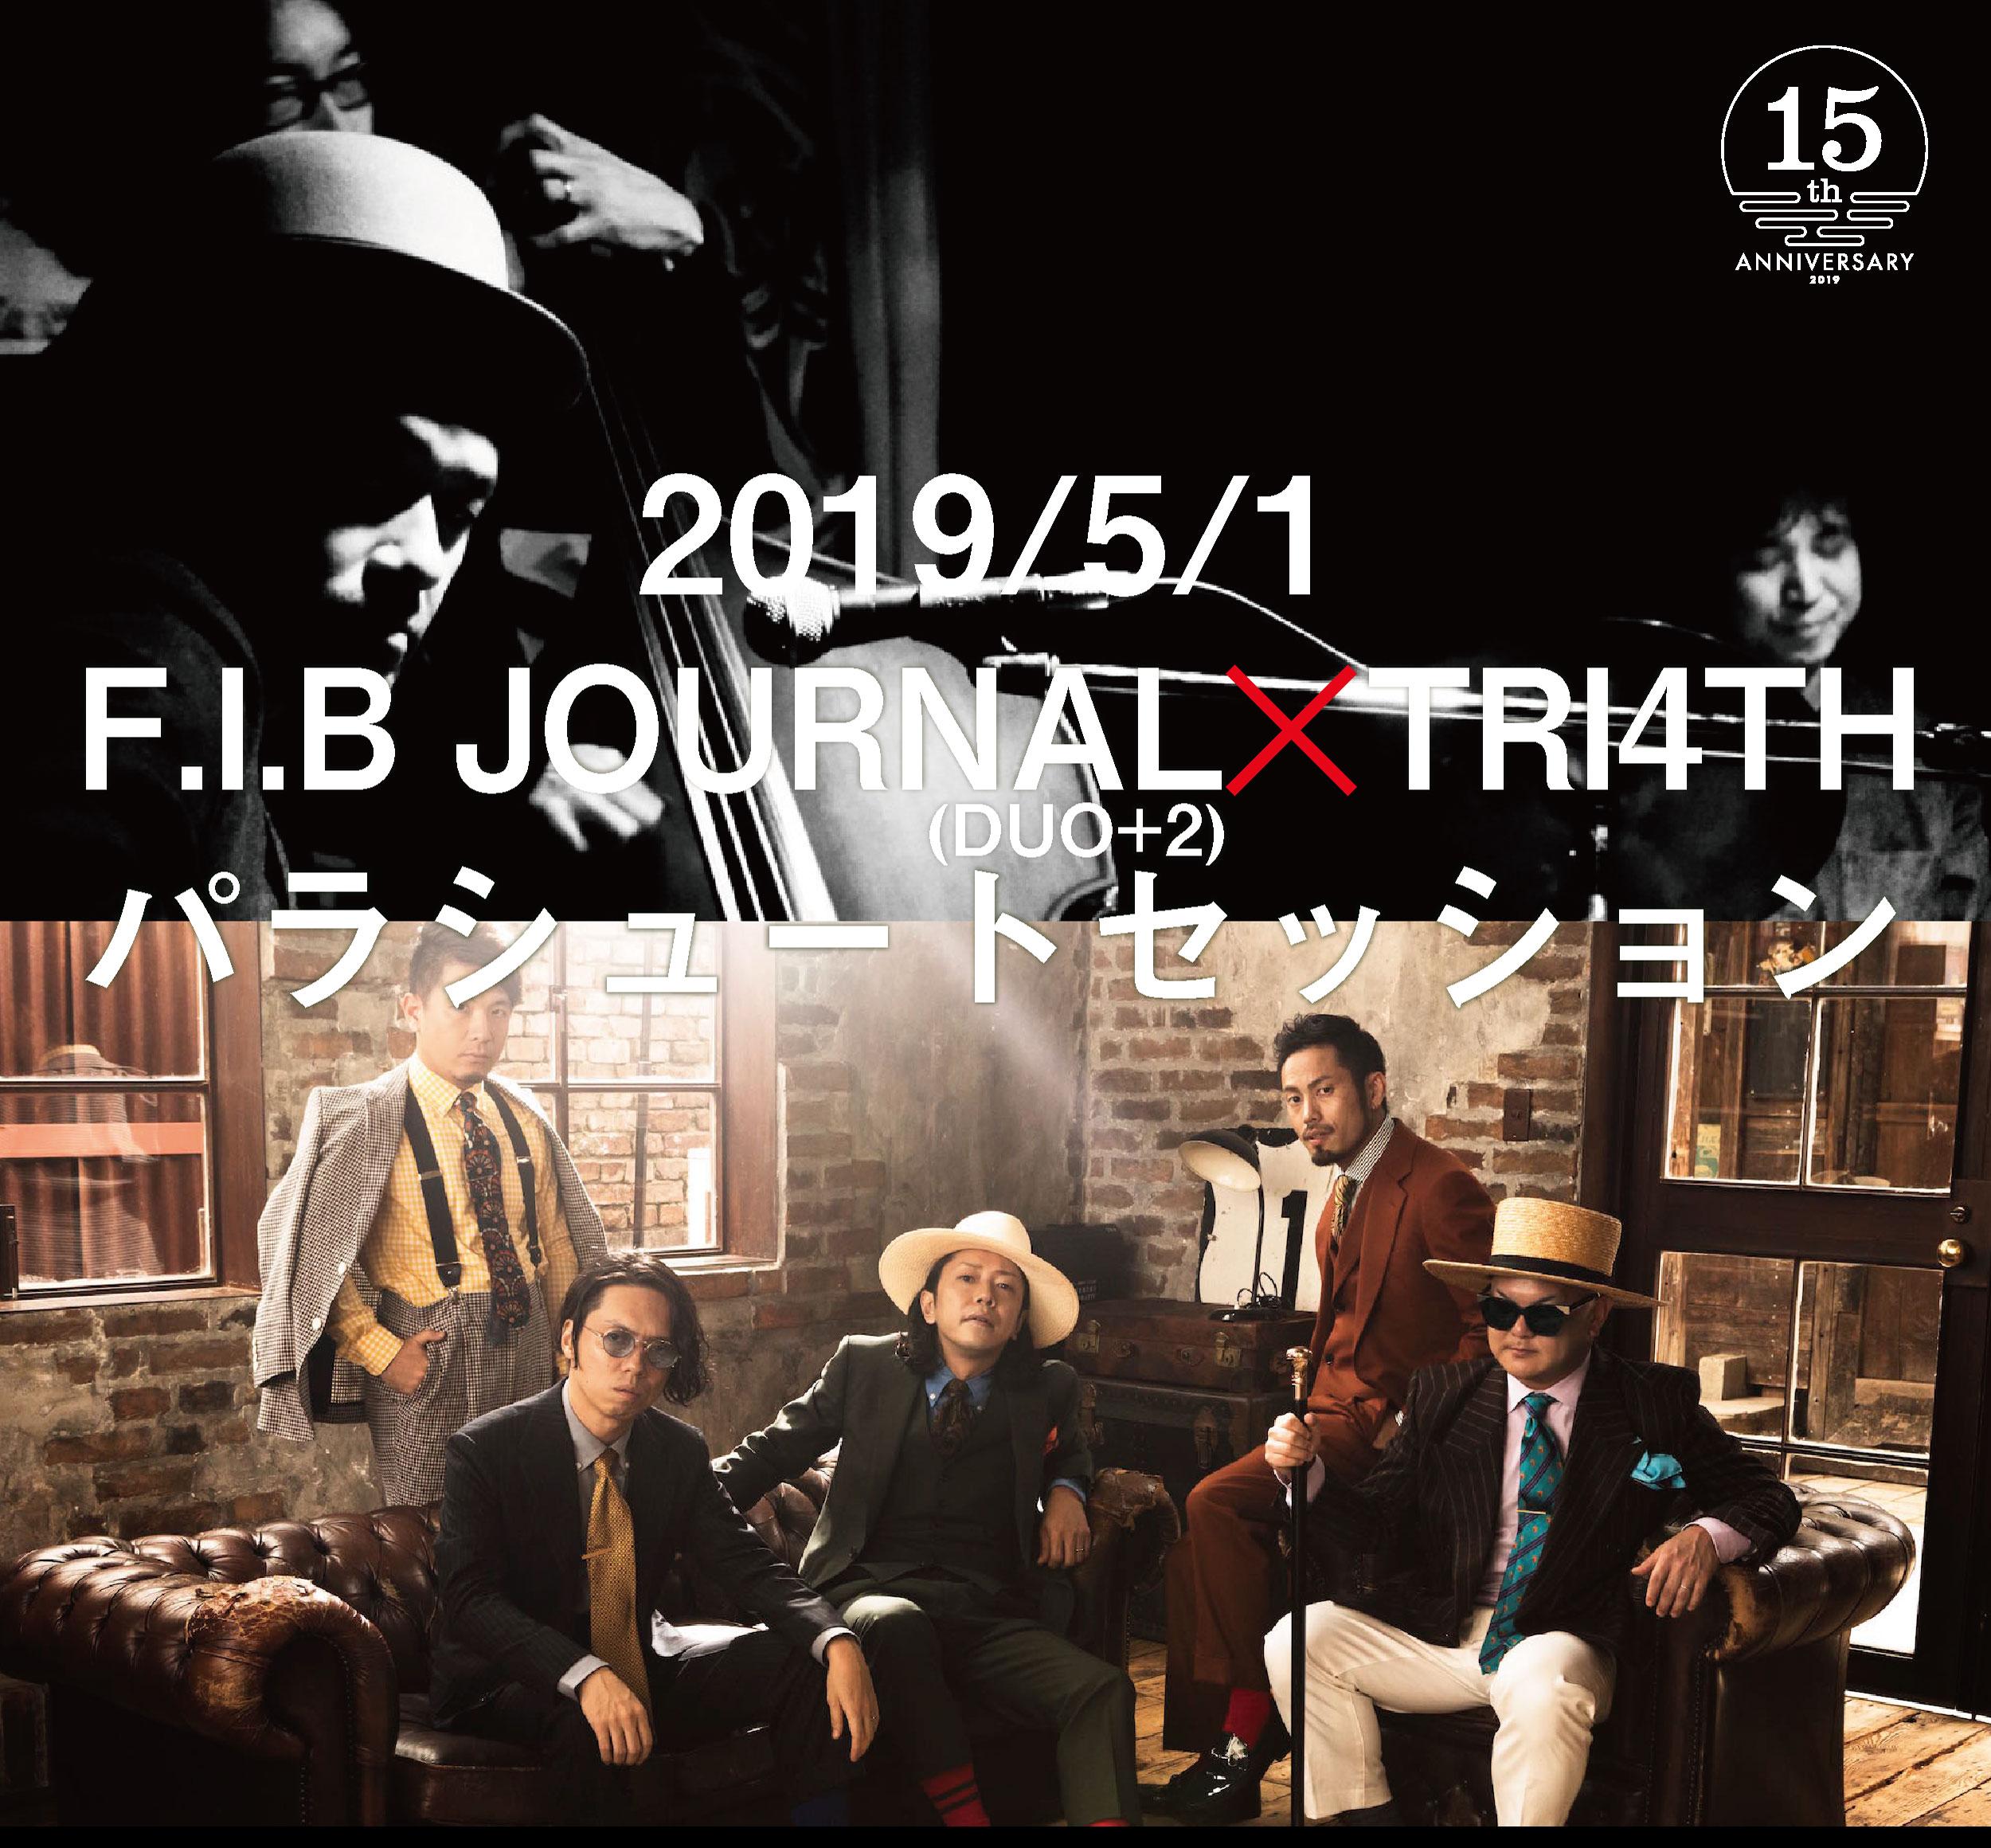 パラシュートセッション「F.I.B JOURNAL DUO+2×TRI4TH」